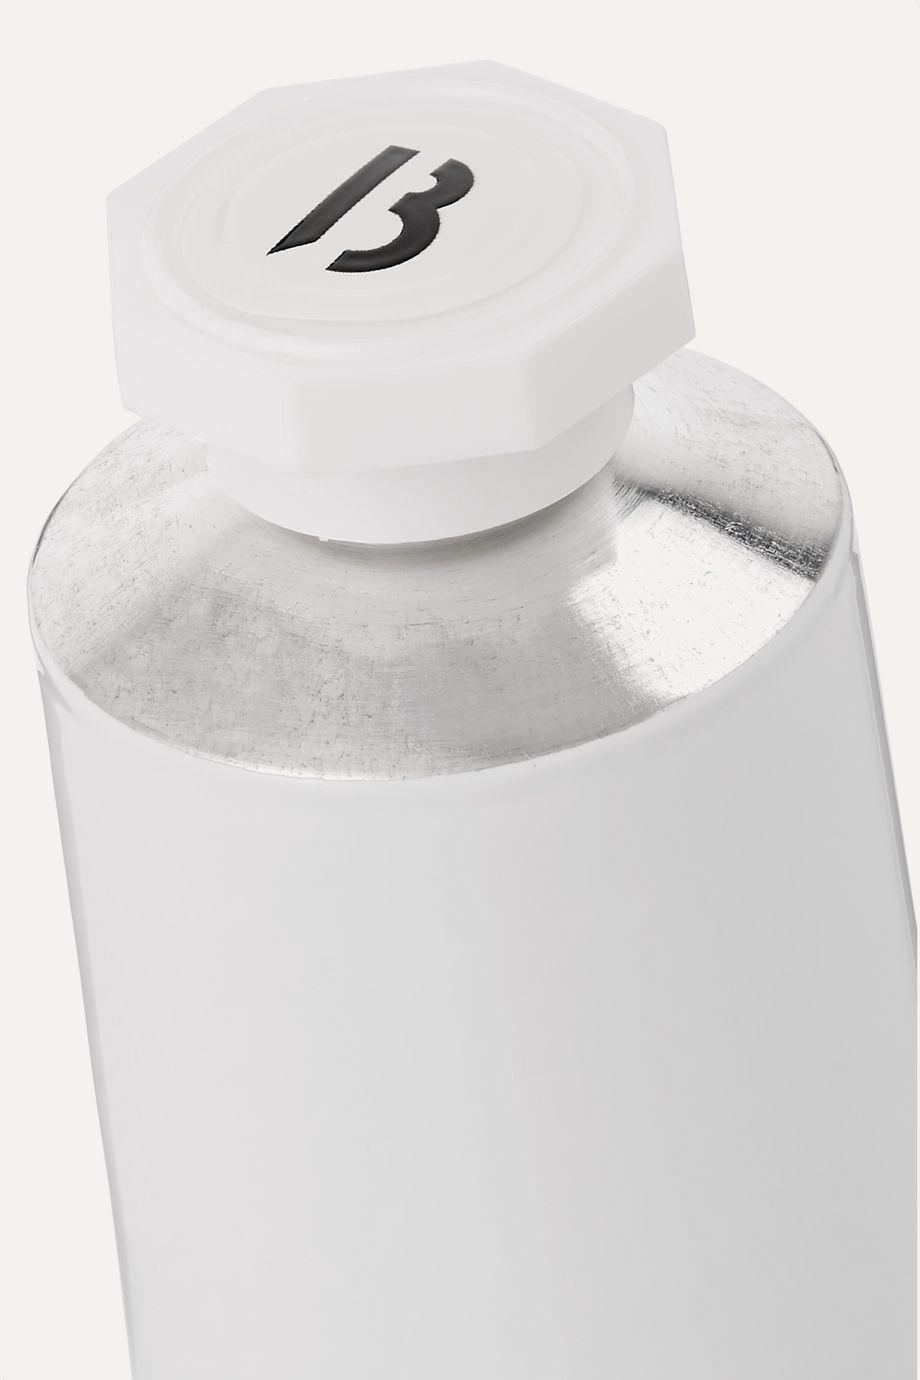 Byredo Slow Dance Hand Cream, 30ml